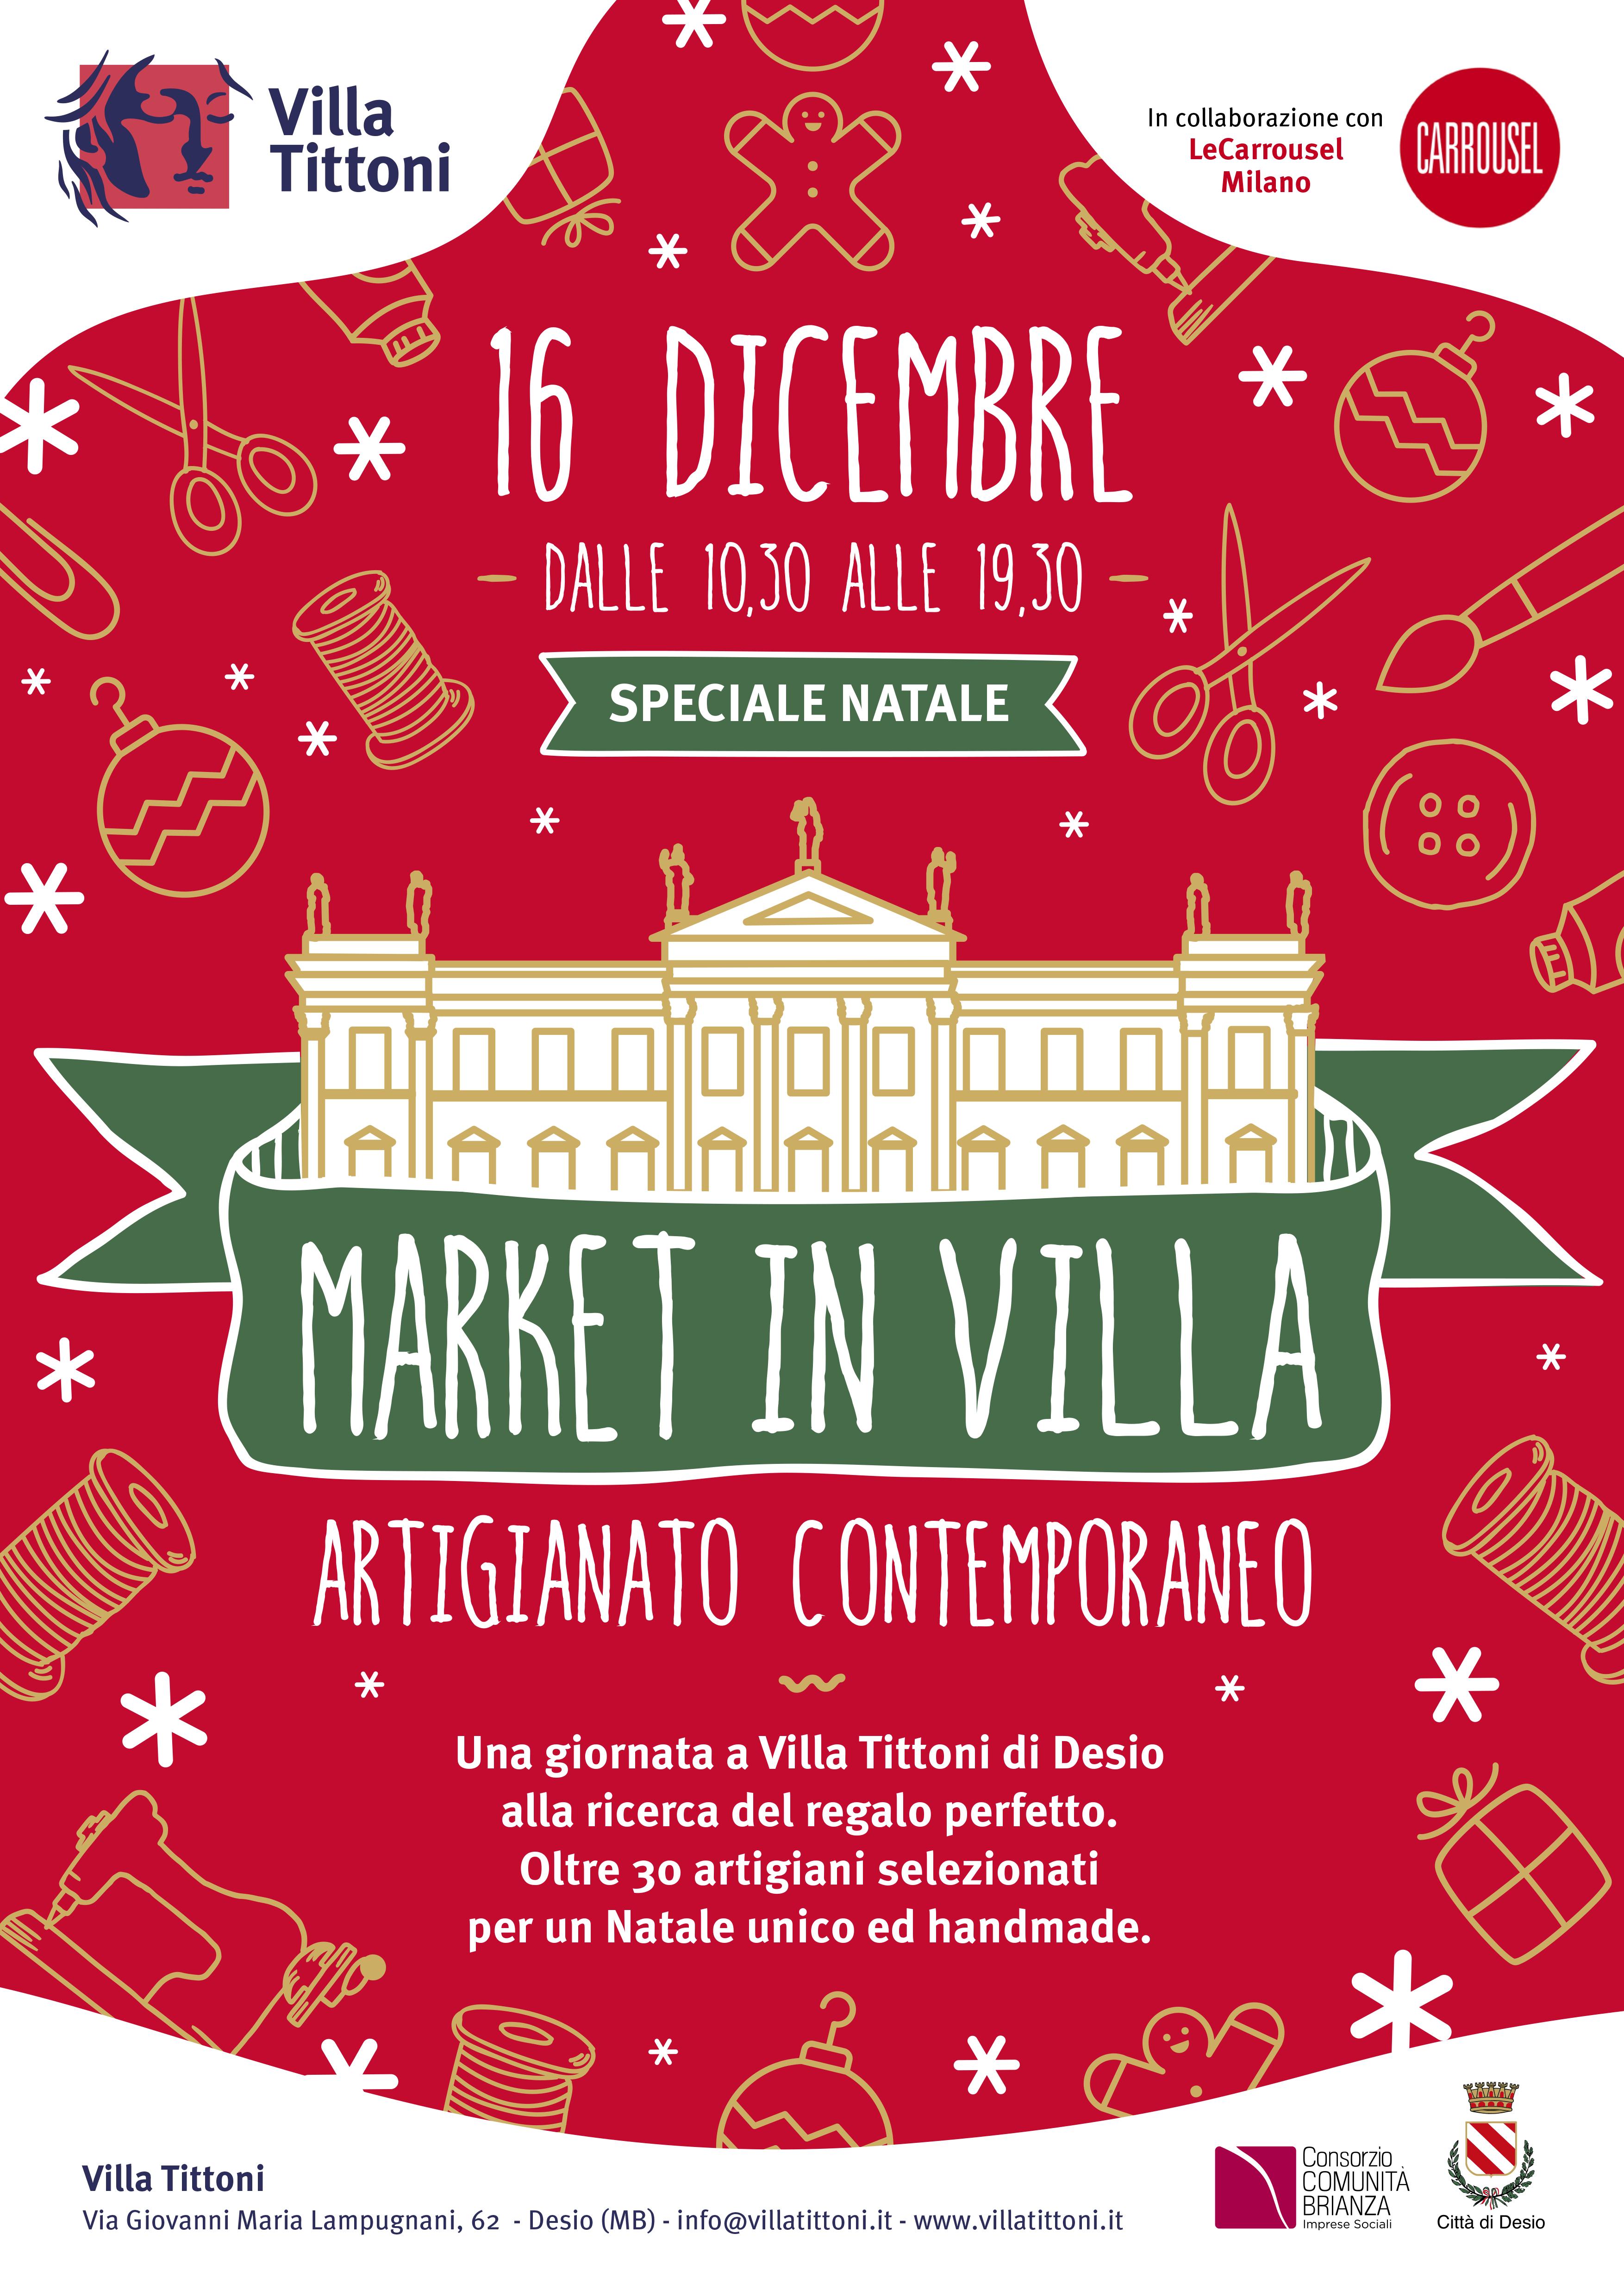 Market in Villa - Speciale Natale